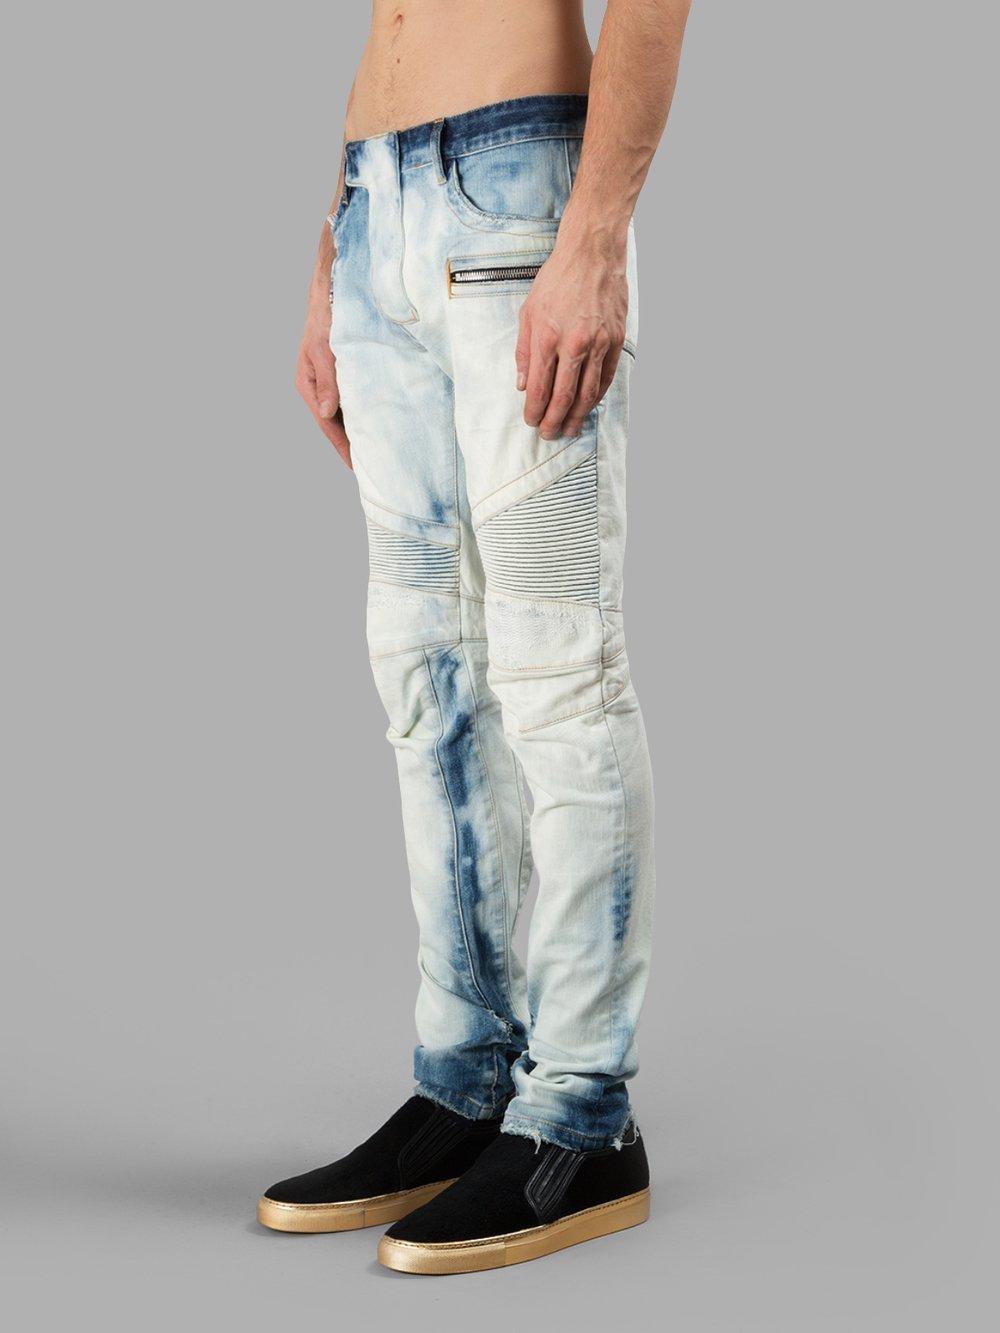 現貨.Balmain 限量漸層藍染牛仔褲.日本製